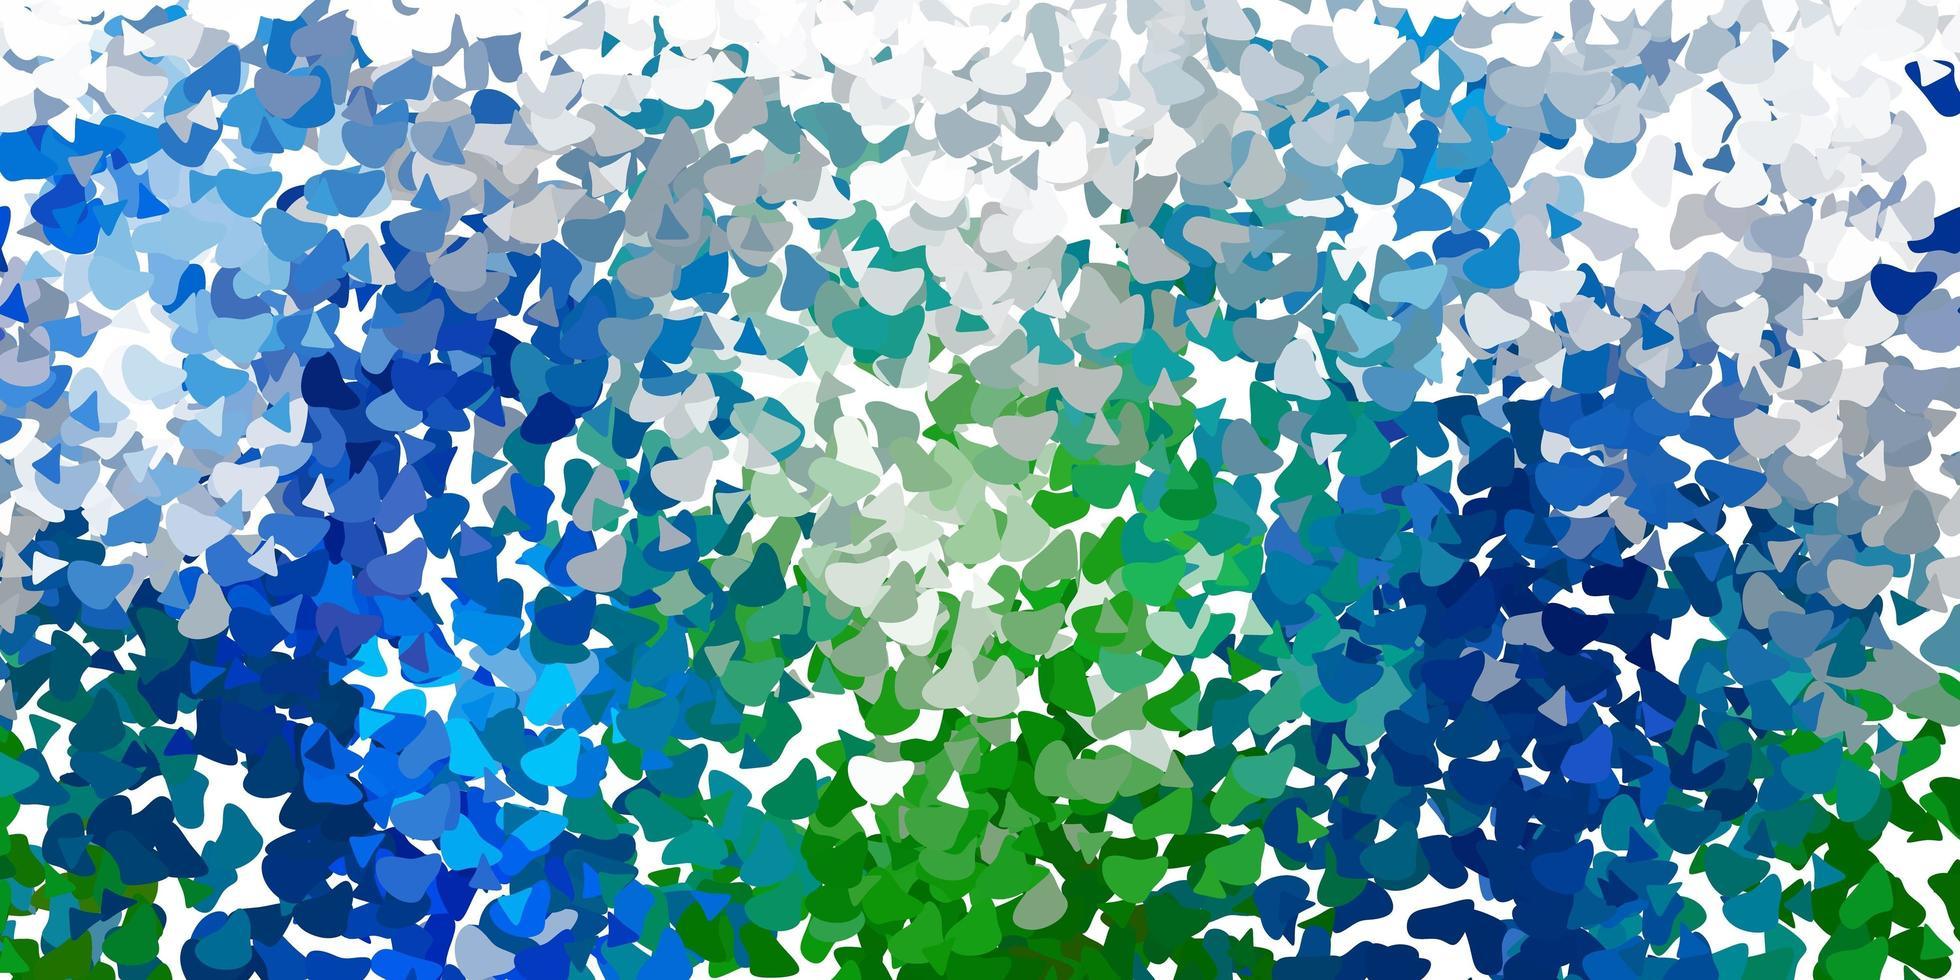 lichtblauwe, groene vectorachtergrond met chaotische vormen. vector